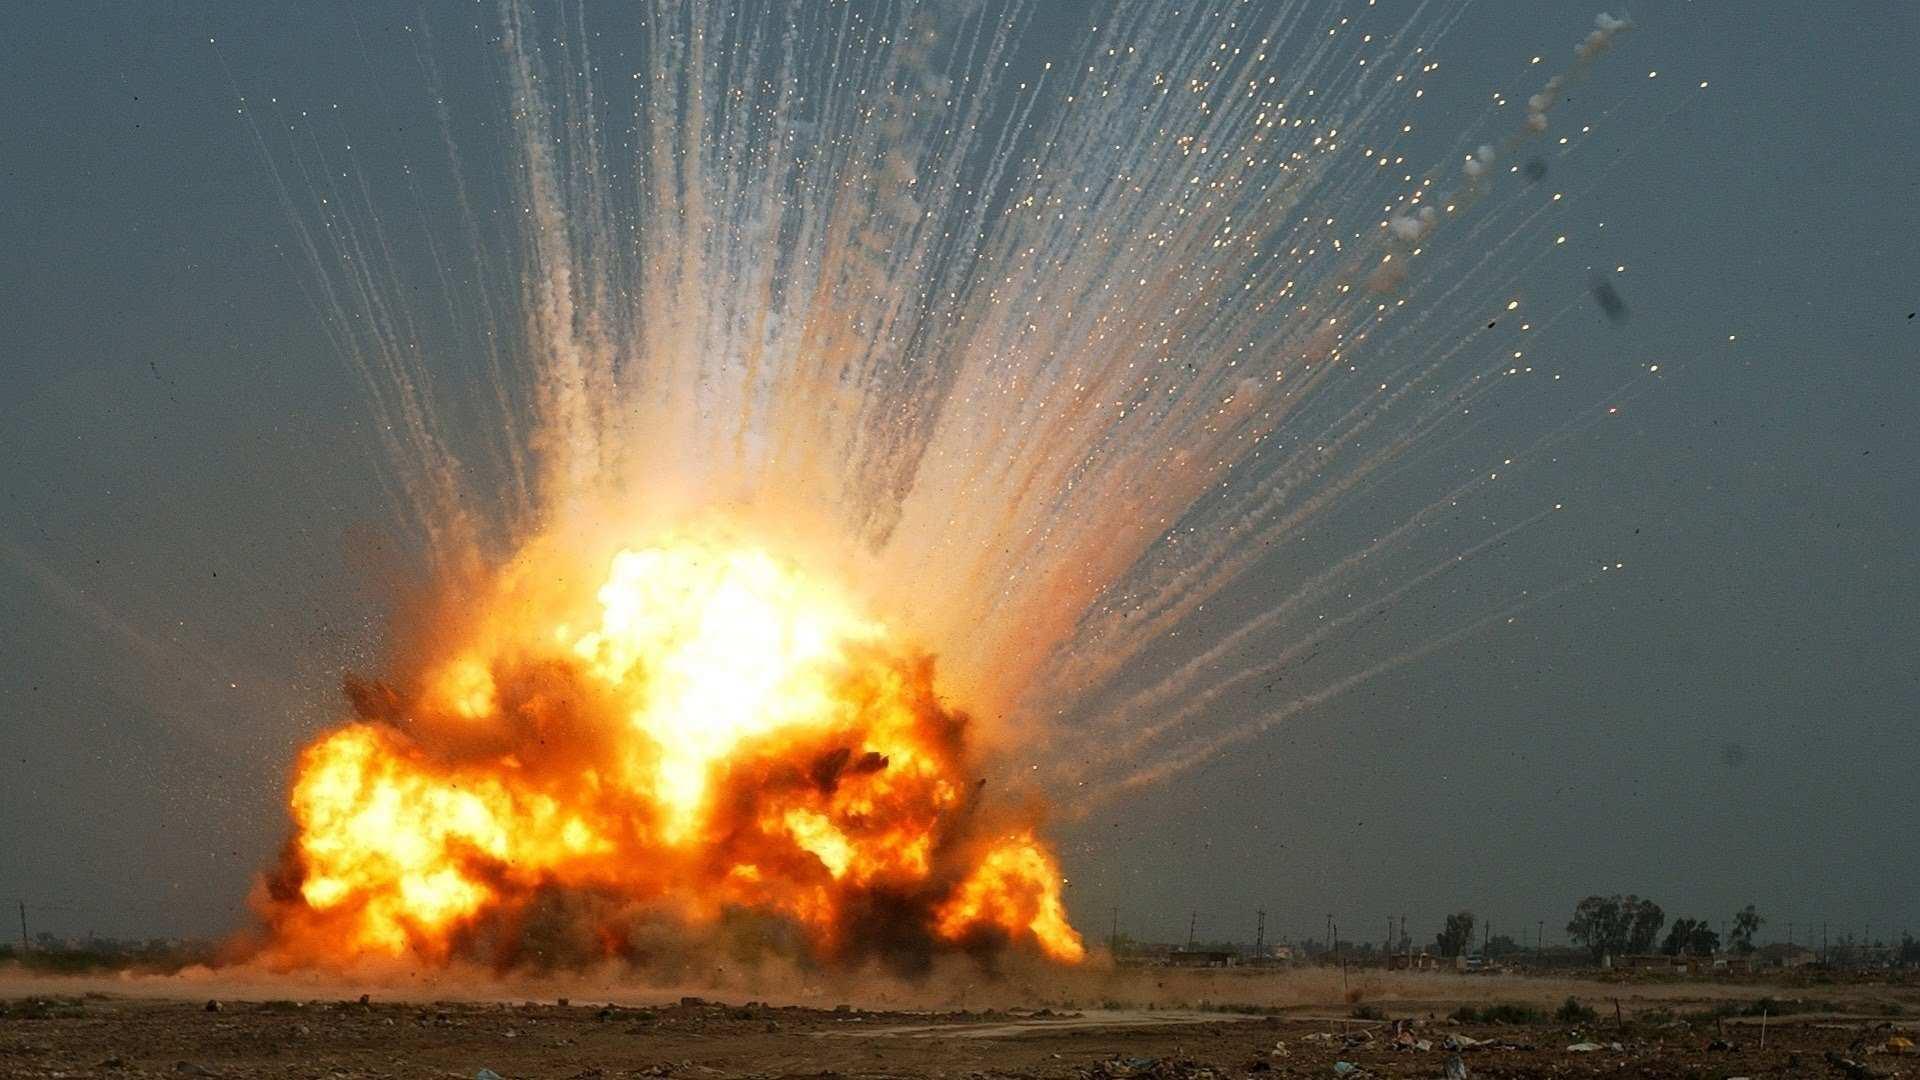 В результате взрыва на складе боеприпасов ВСУ погиб украинский военнослужащий, — разведка ЛНР | Русская весна